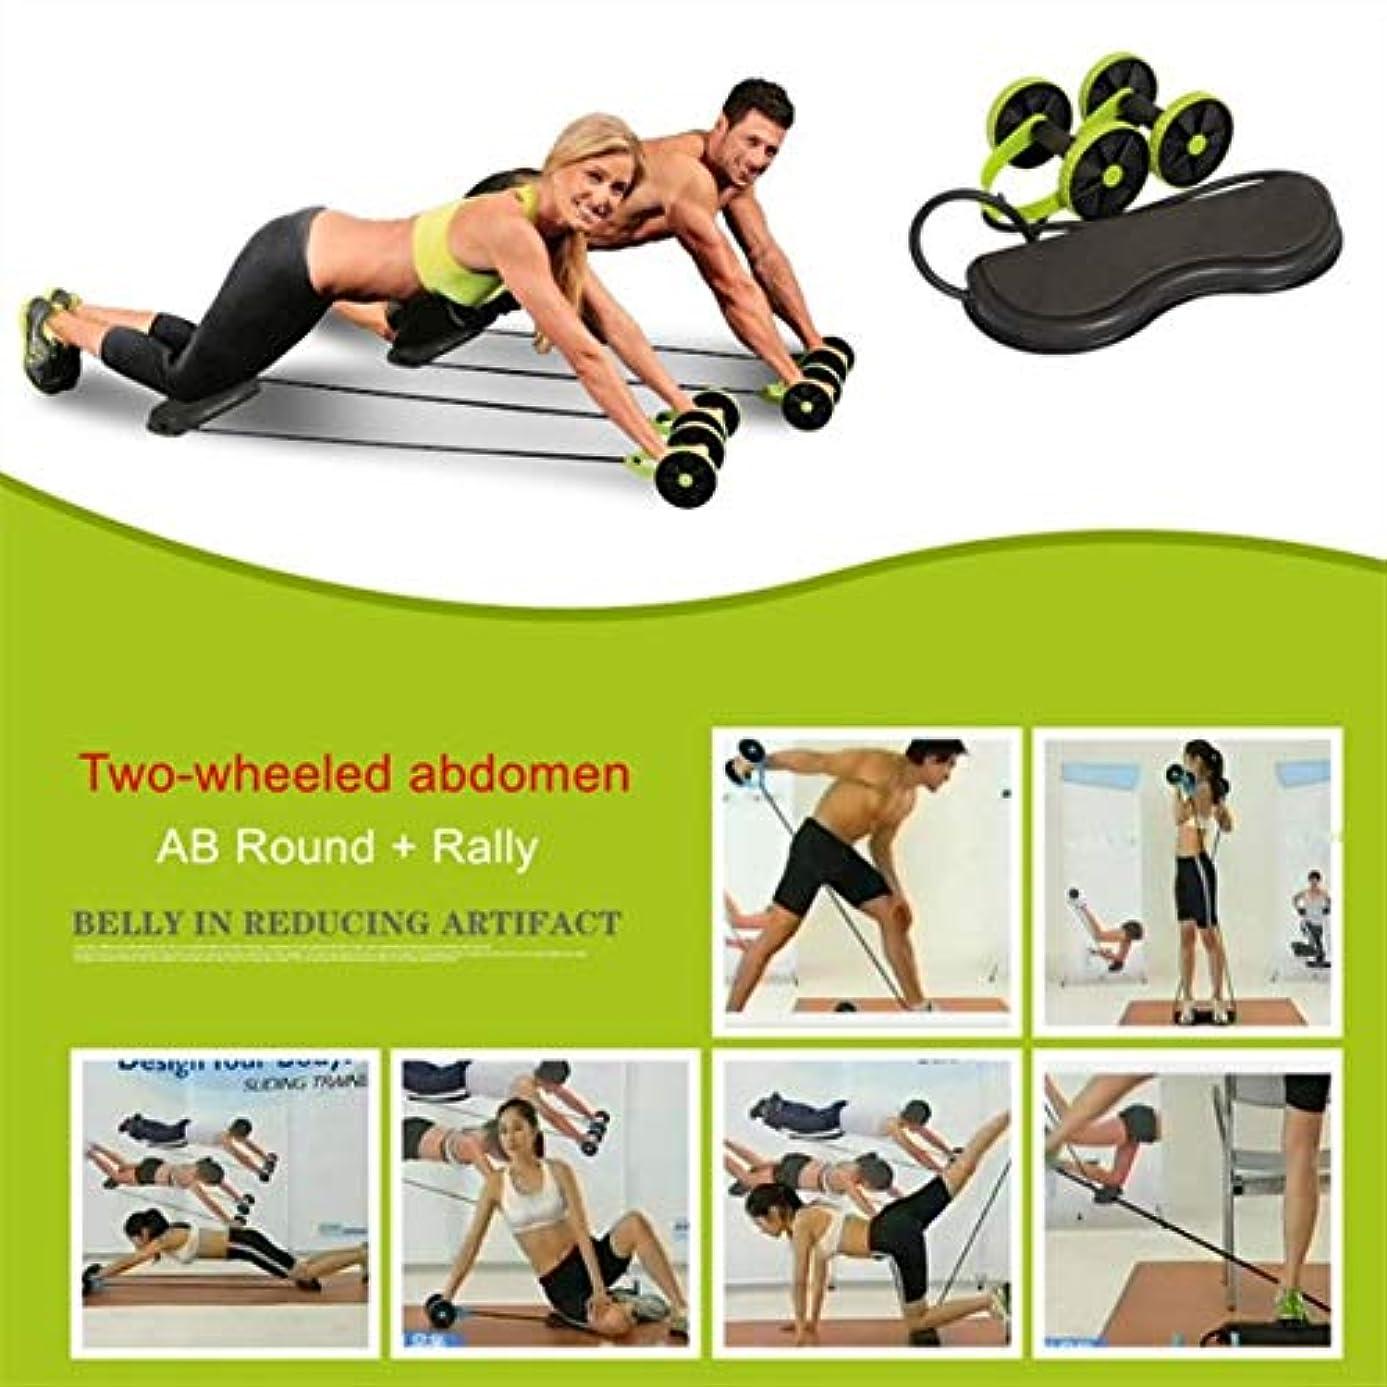 男性フェザー誰がJS-04多機能腹輪腹筋輪腹輪テンションロープ筋肉トレーニングマシン(グリーン&ブラック)